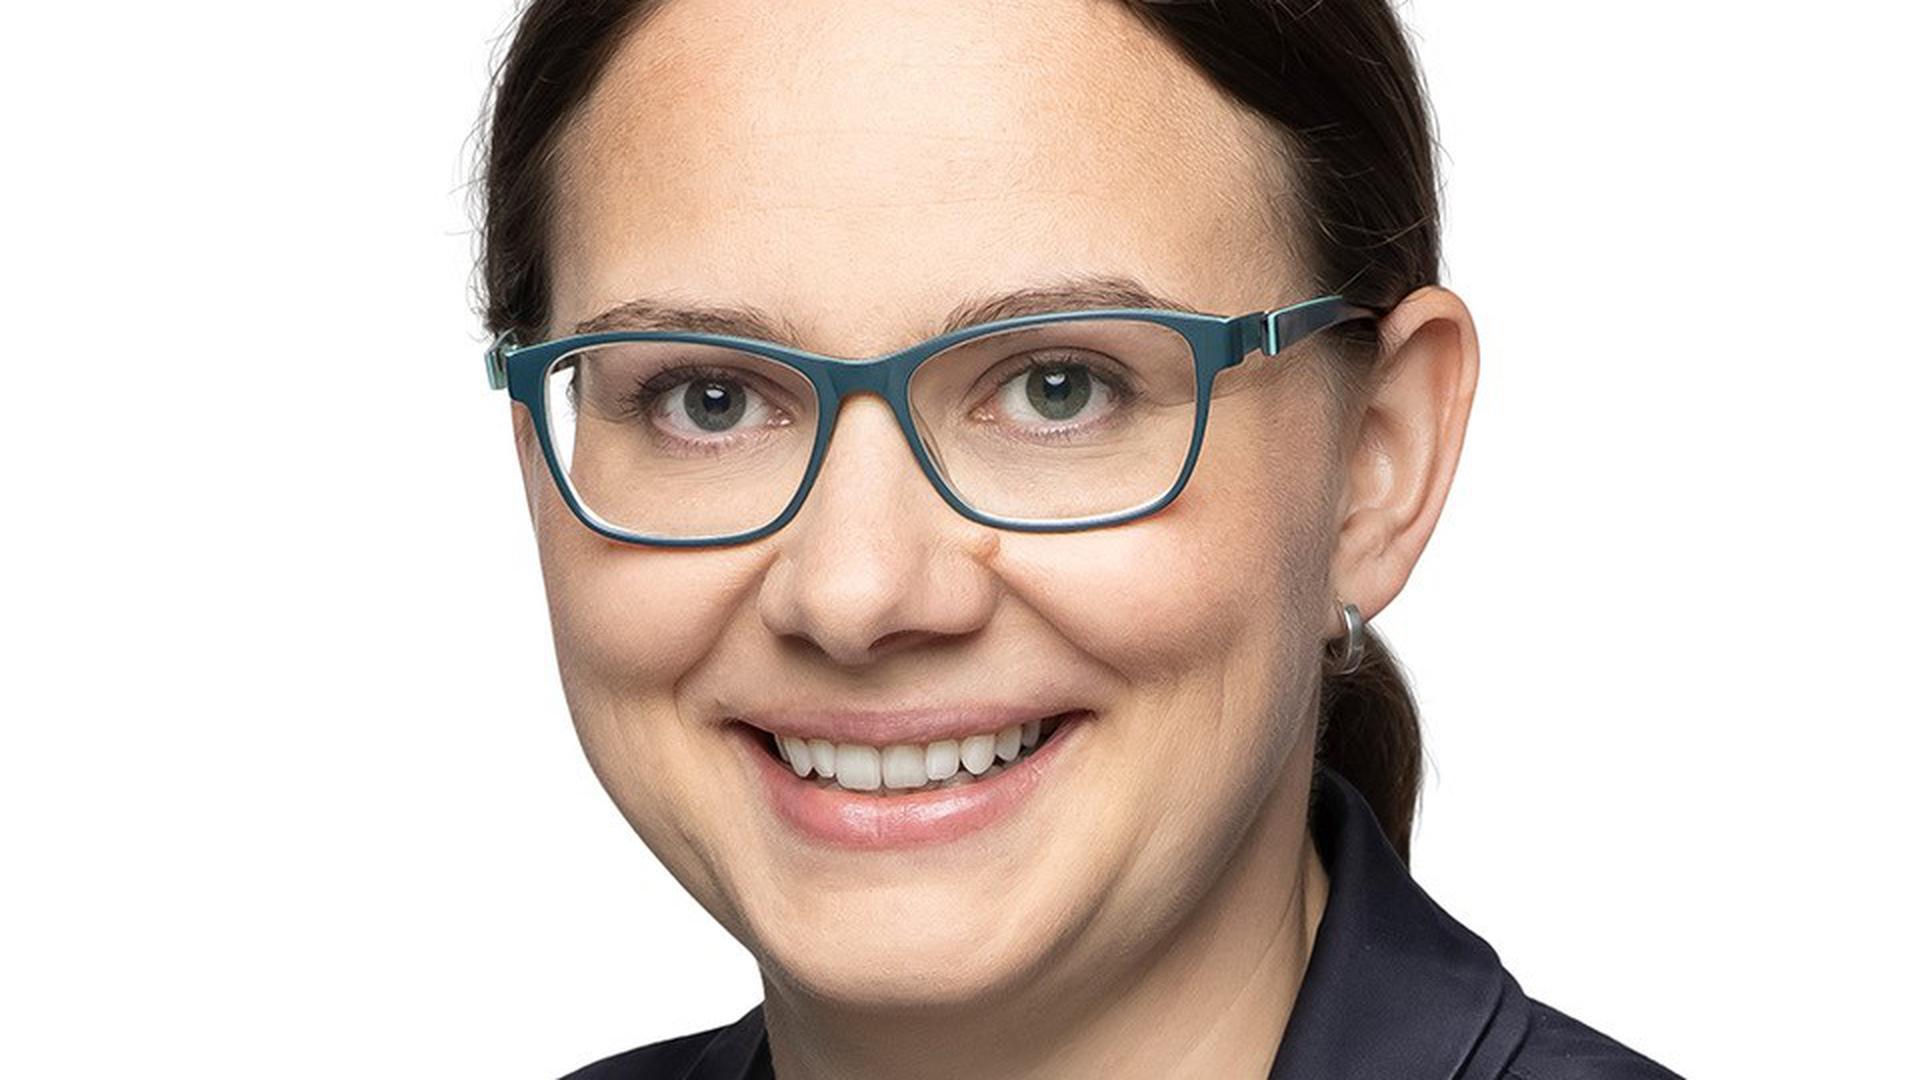 Katrin Schindele aus Baiersbronn wurde für die CDU frisch in den Landtag gewählt.